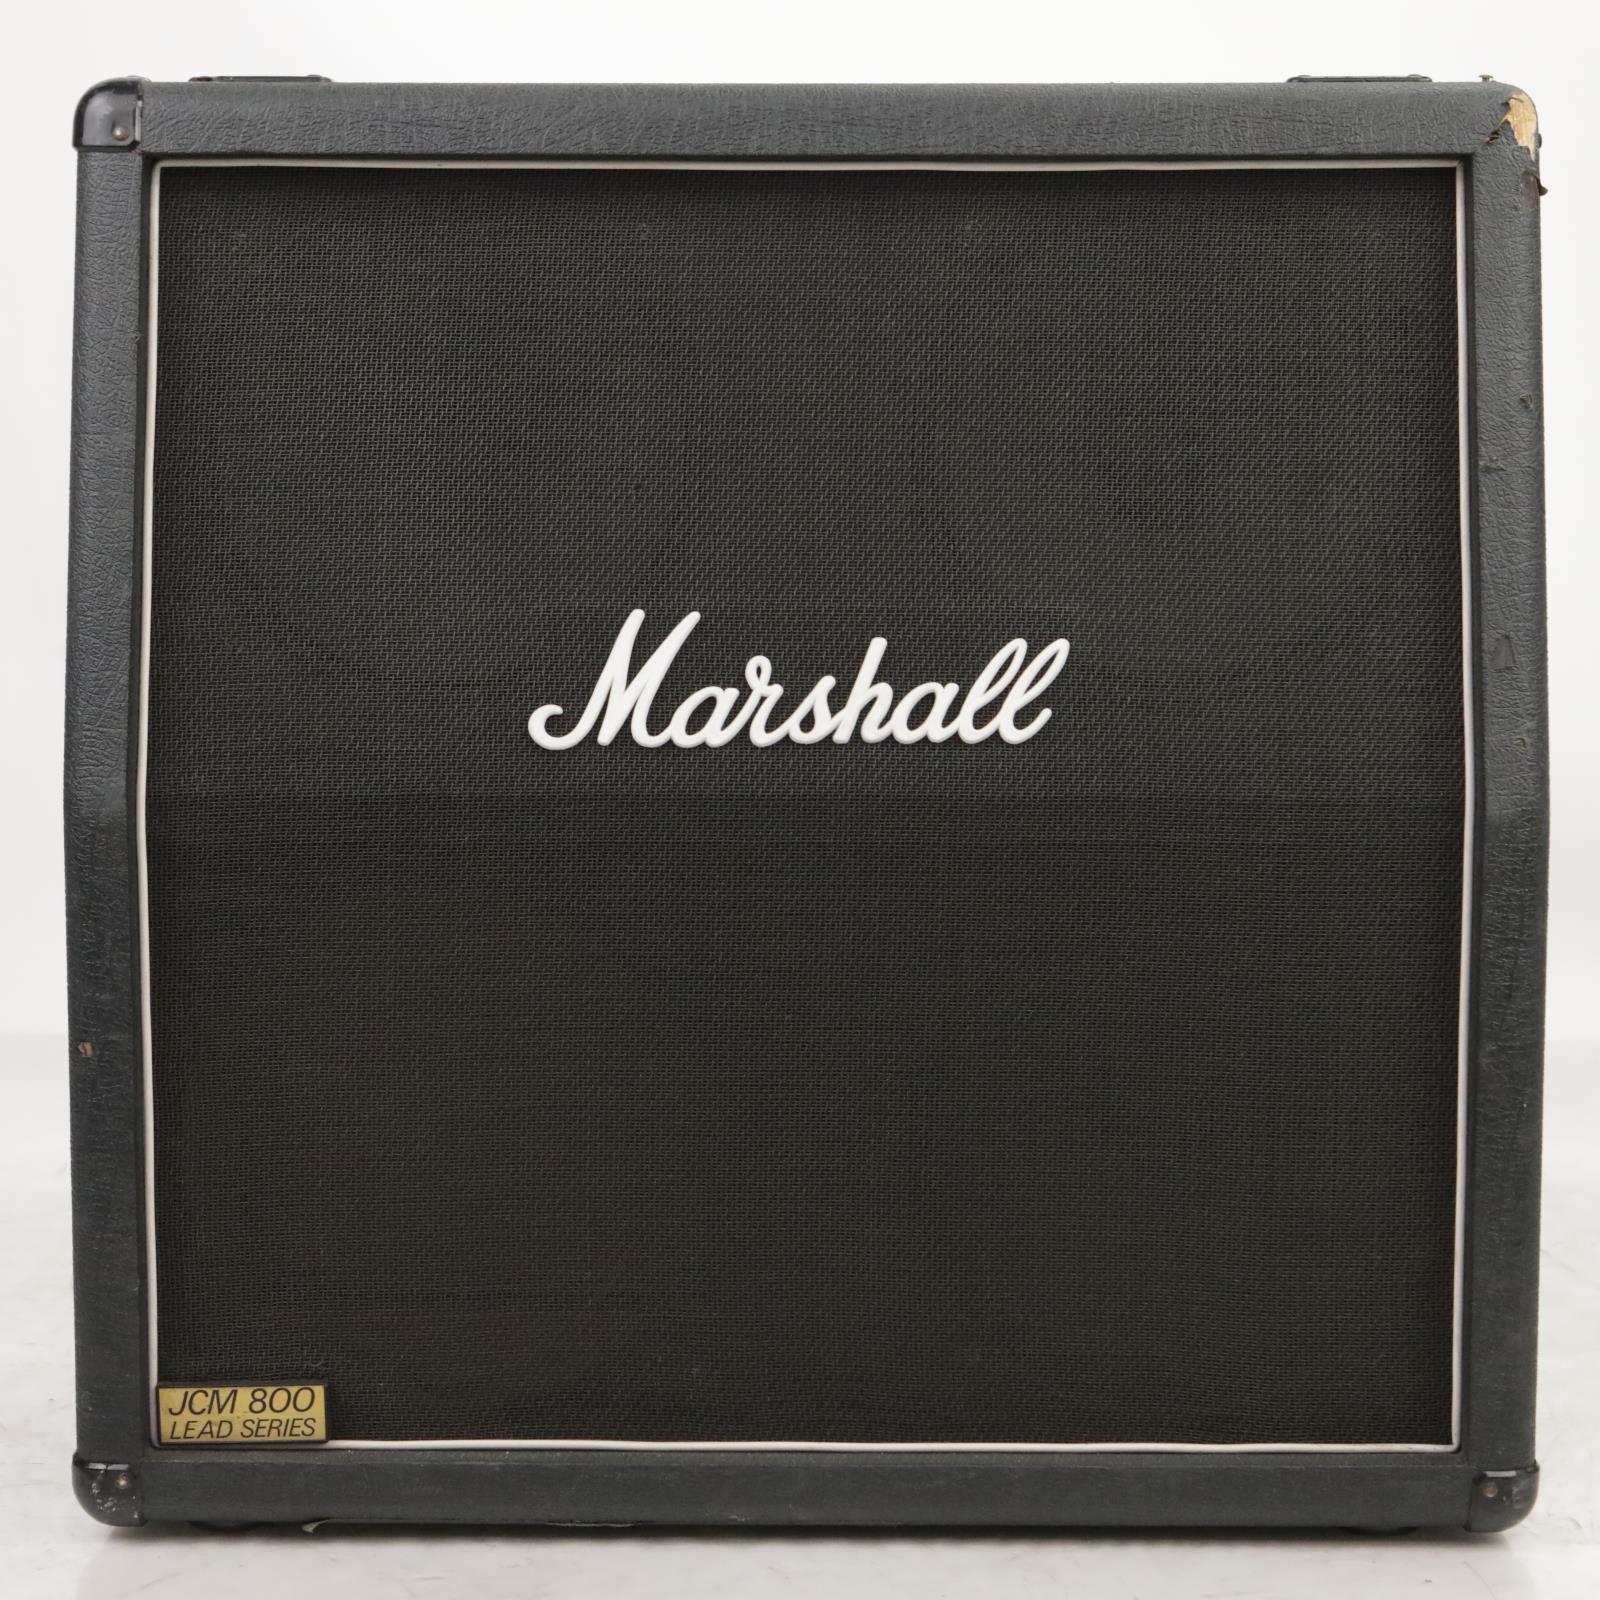 Marshall 1960A Slant 4x12 V-30 Golds Speaker Cabinet Steve Stevens #37782